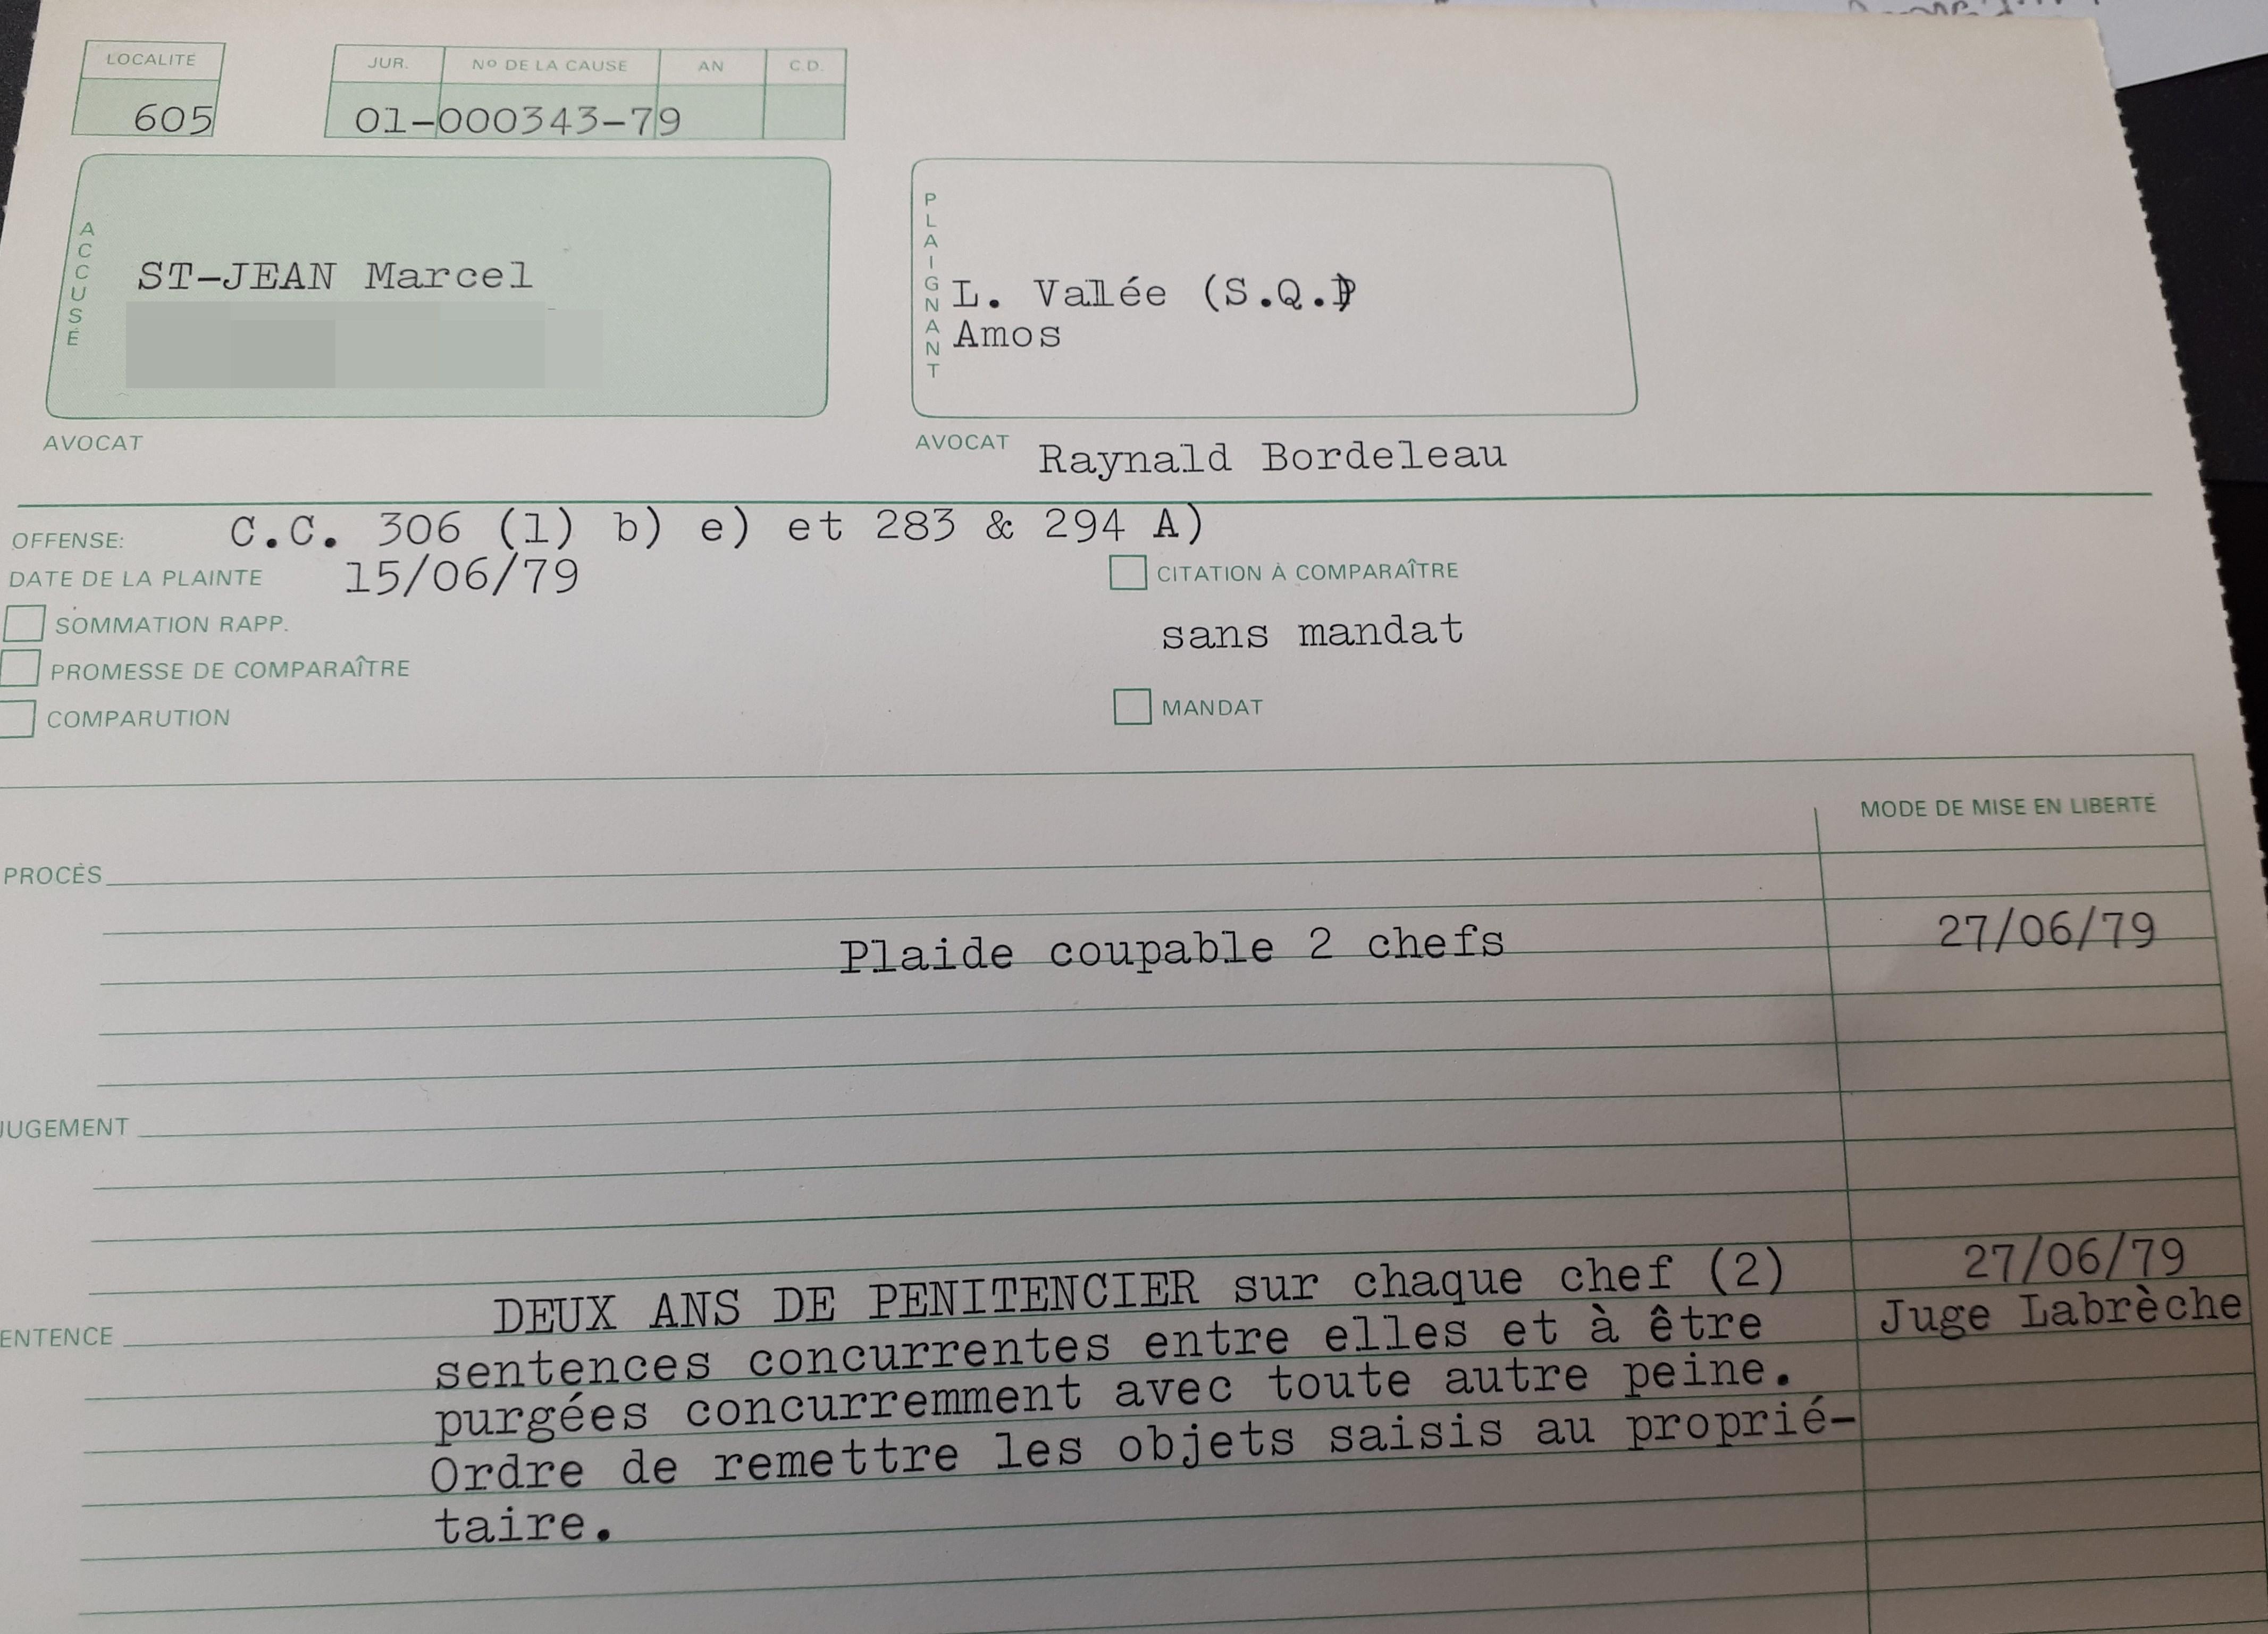 AB-Vol1979_4